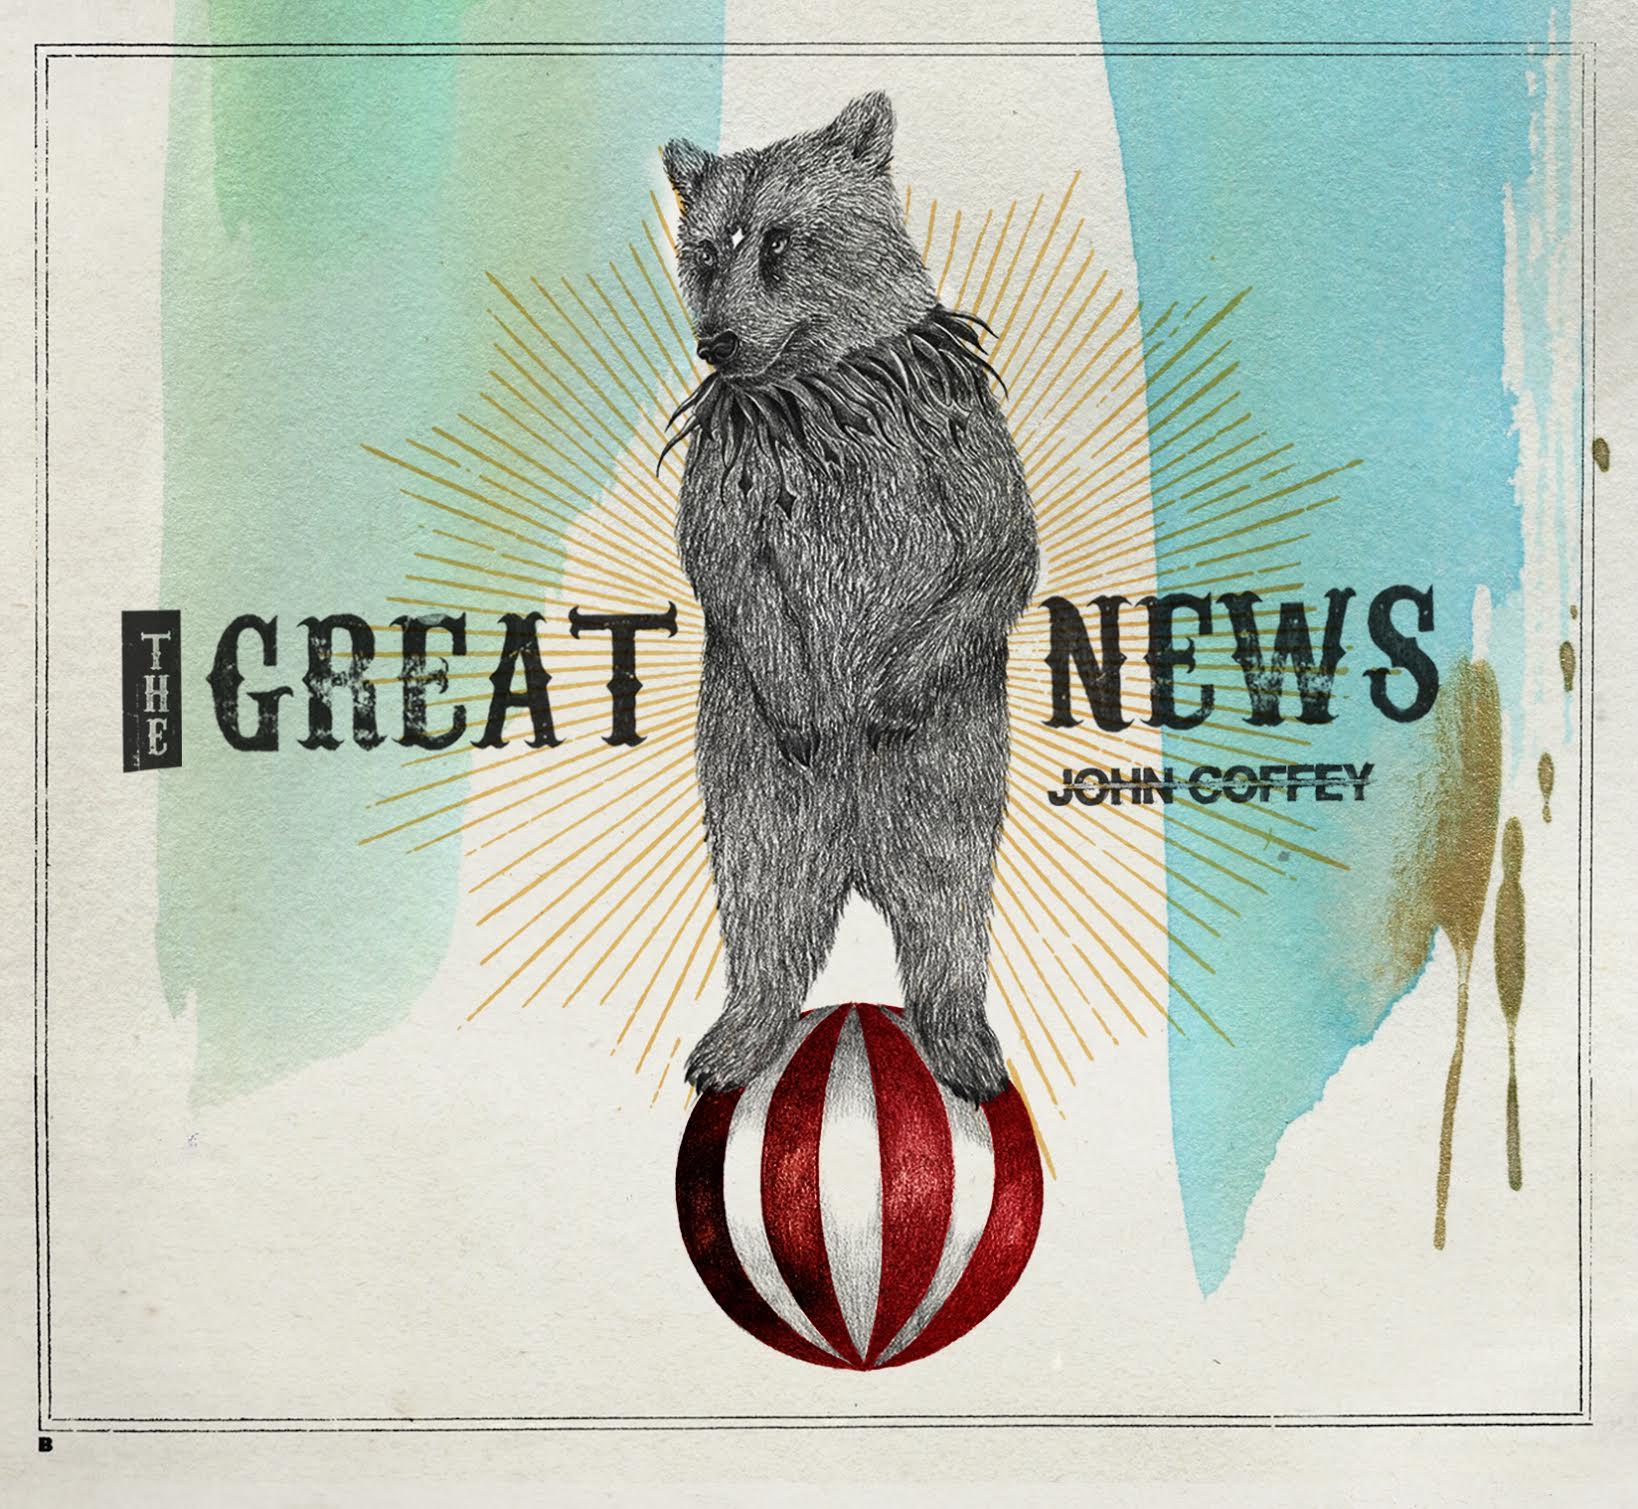 Alben der Woche 30.01.15 - John Coffey THE GREAT NEWS